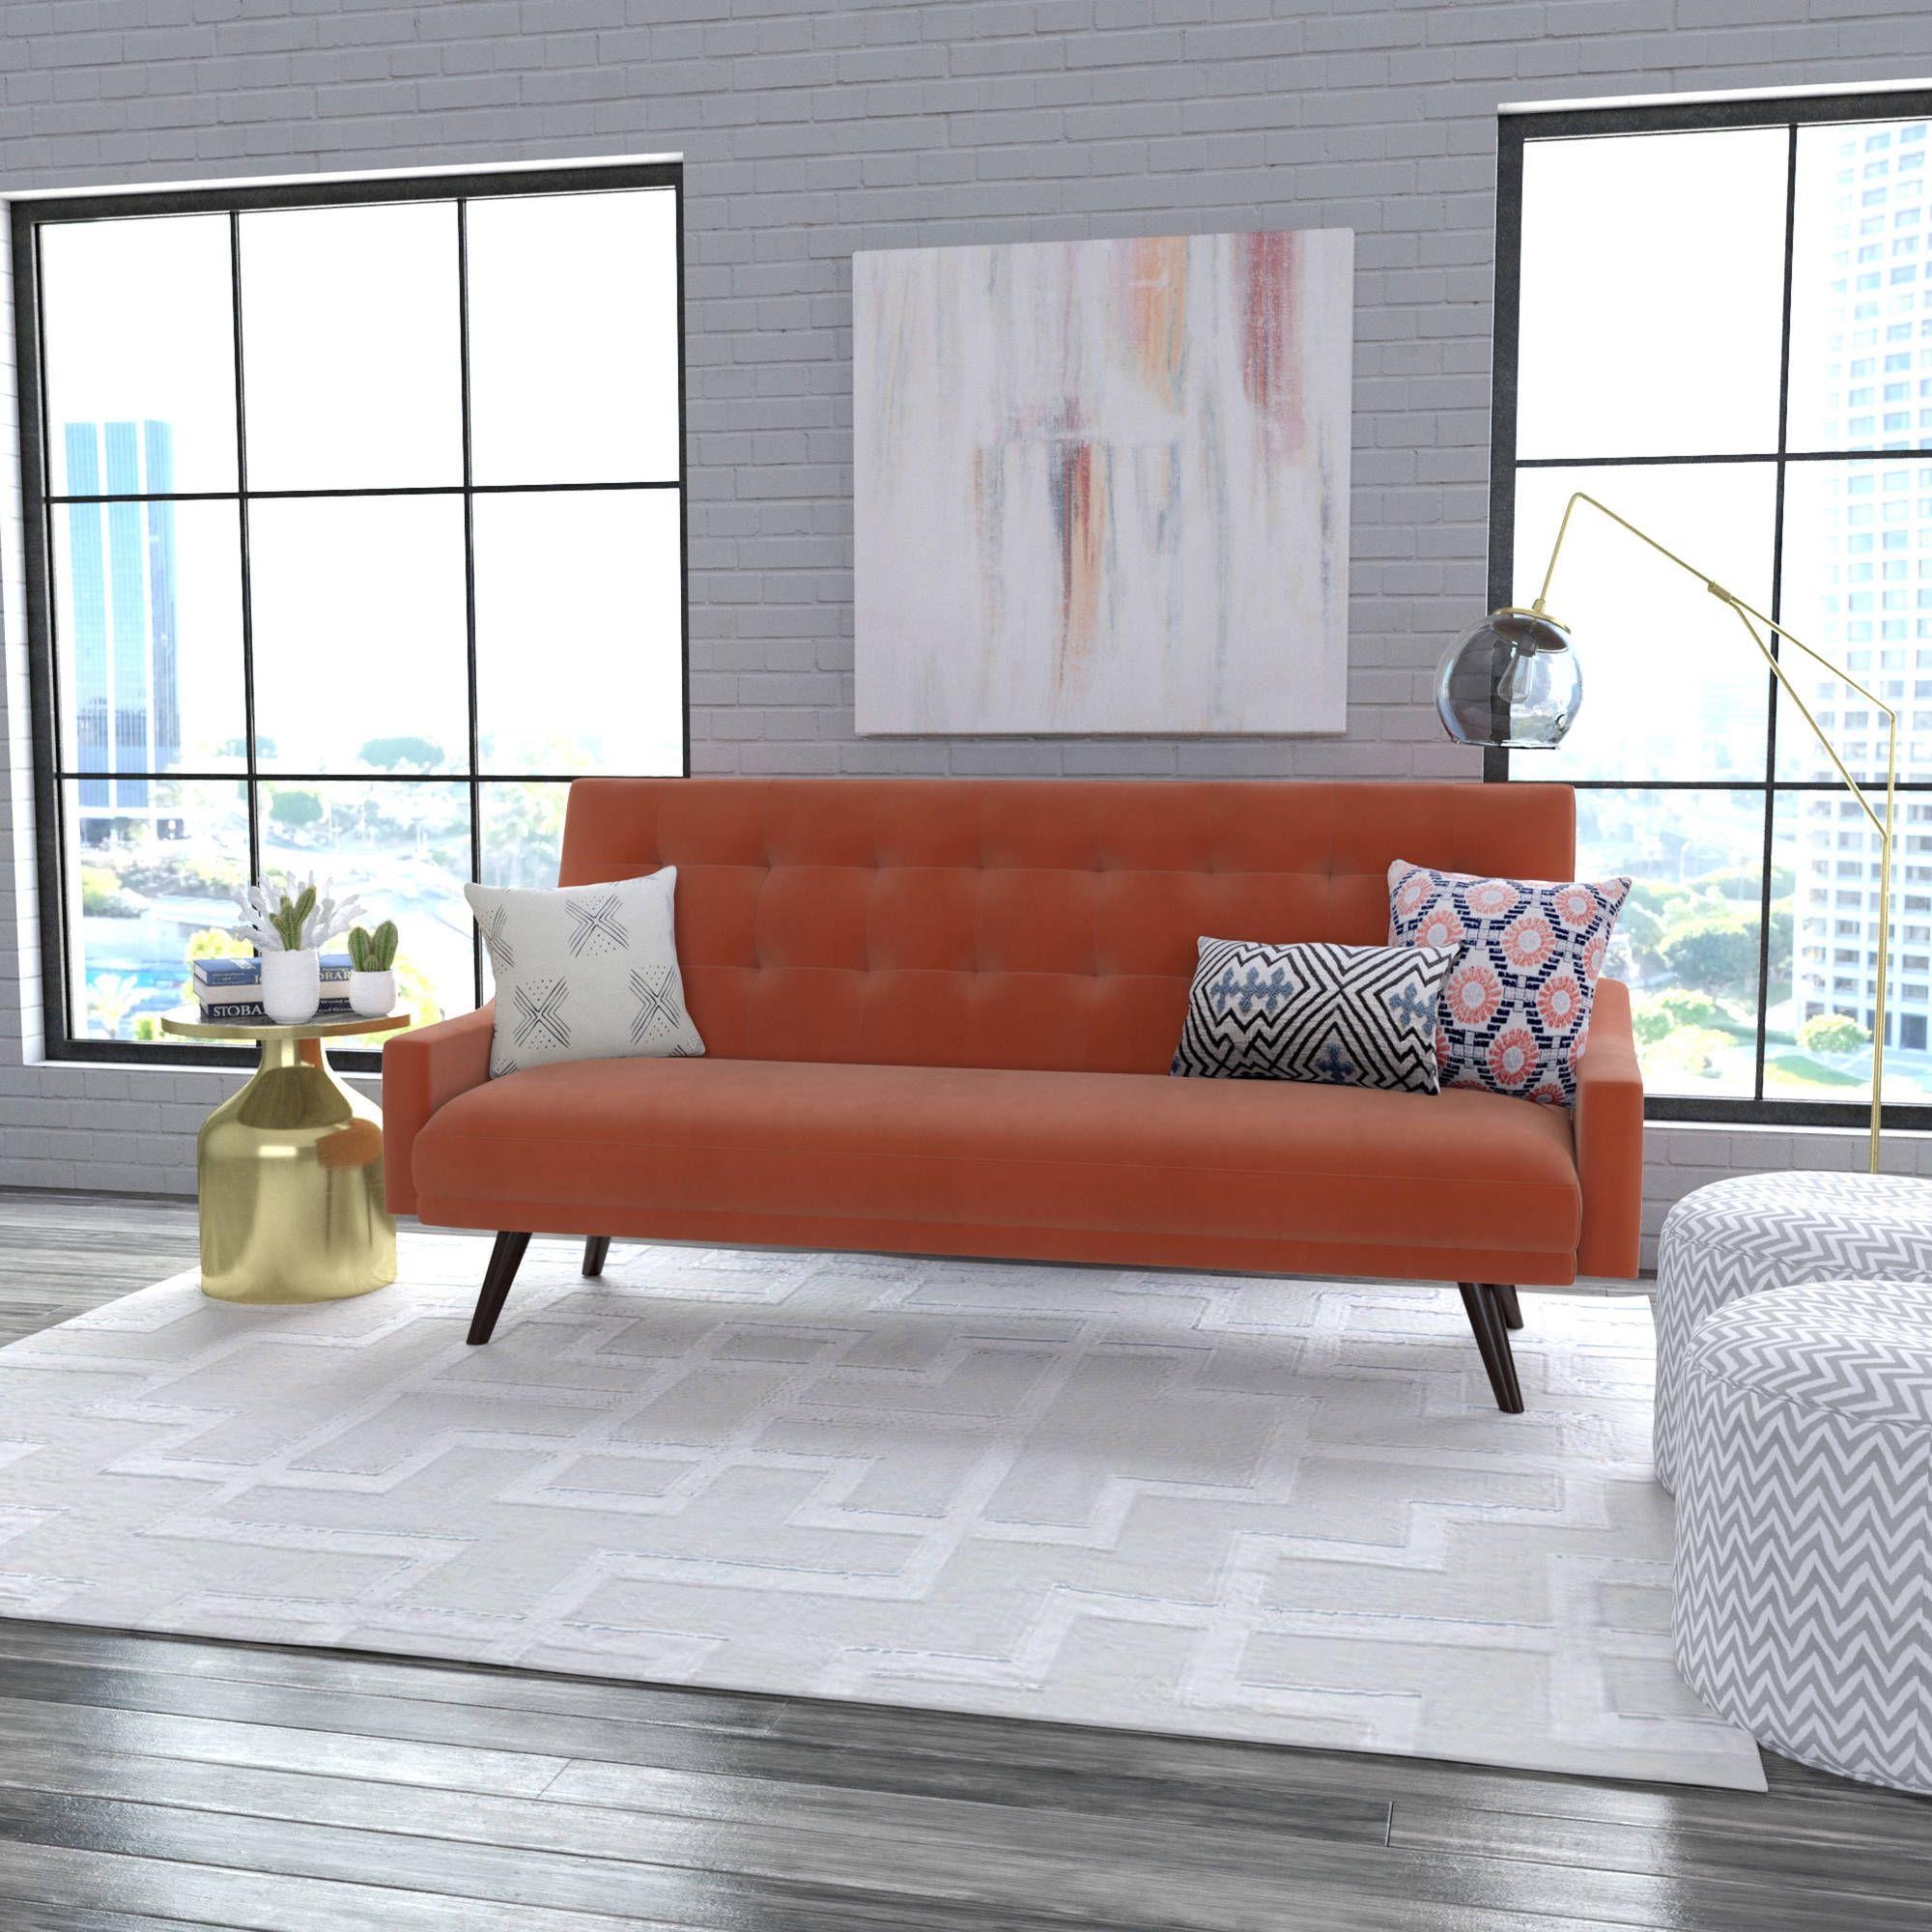 Home Futon sofa bed, Futon sofa, Bed furniture